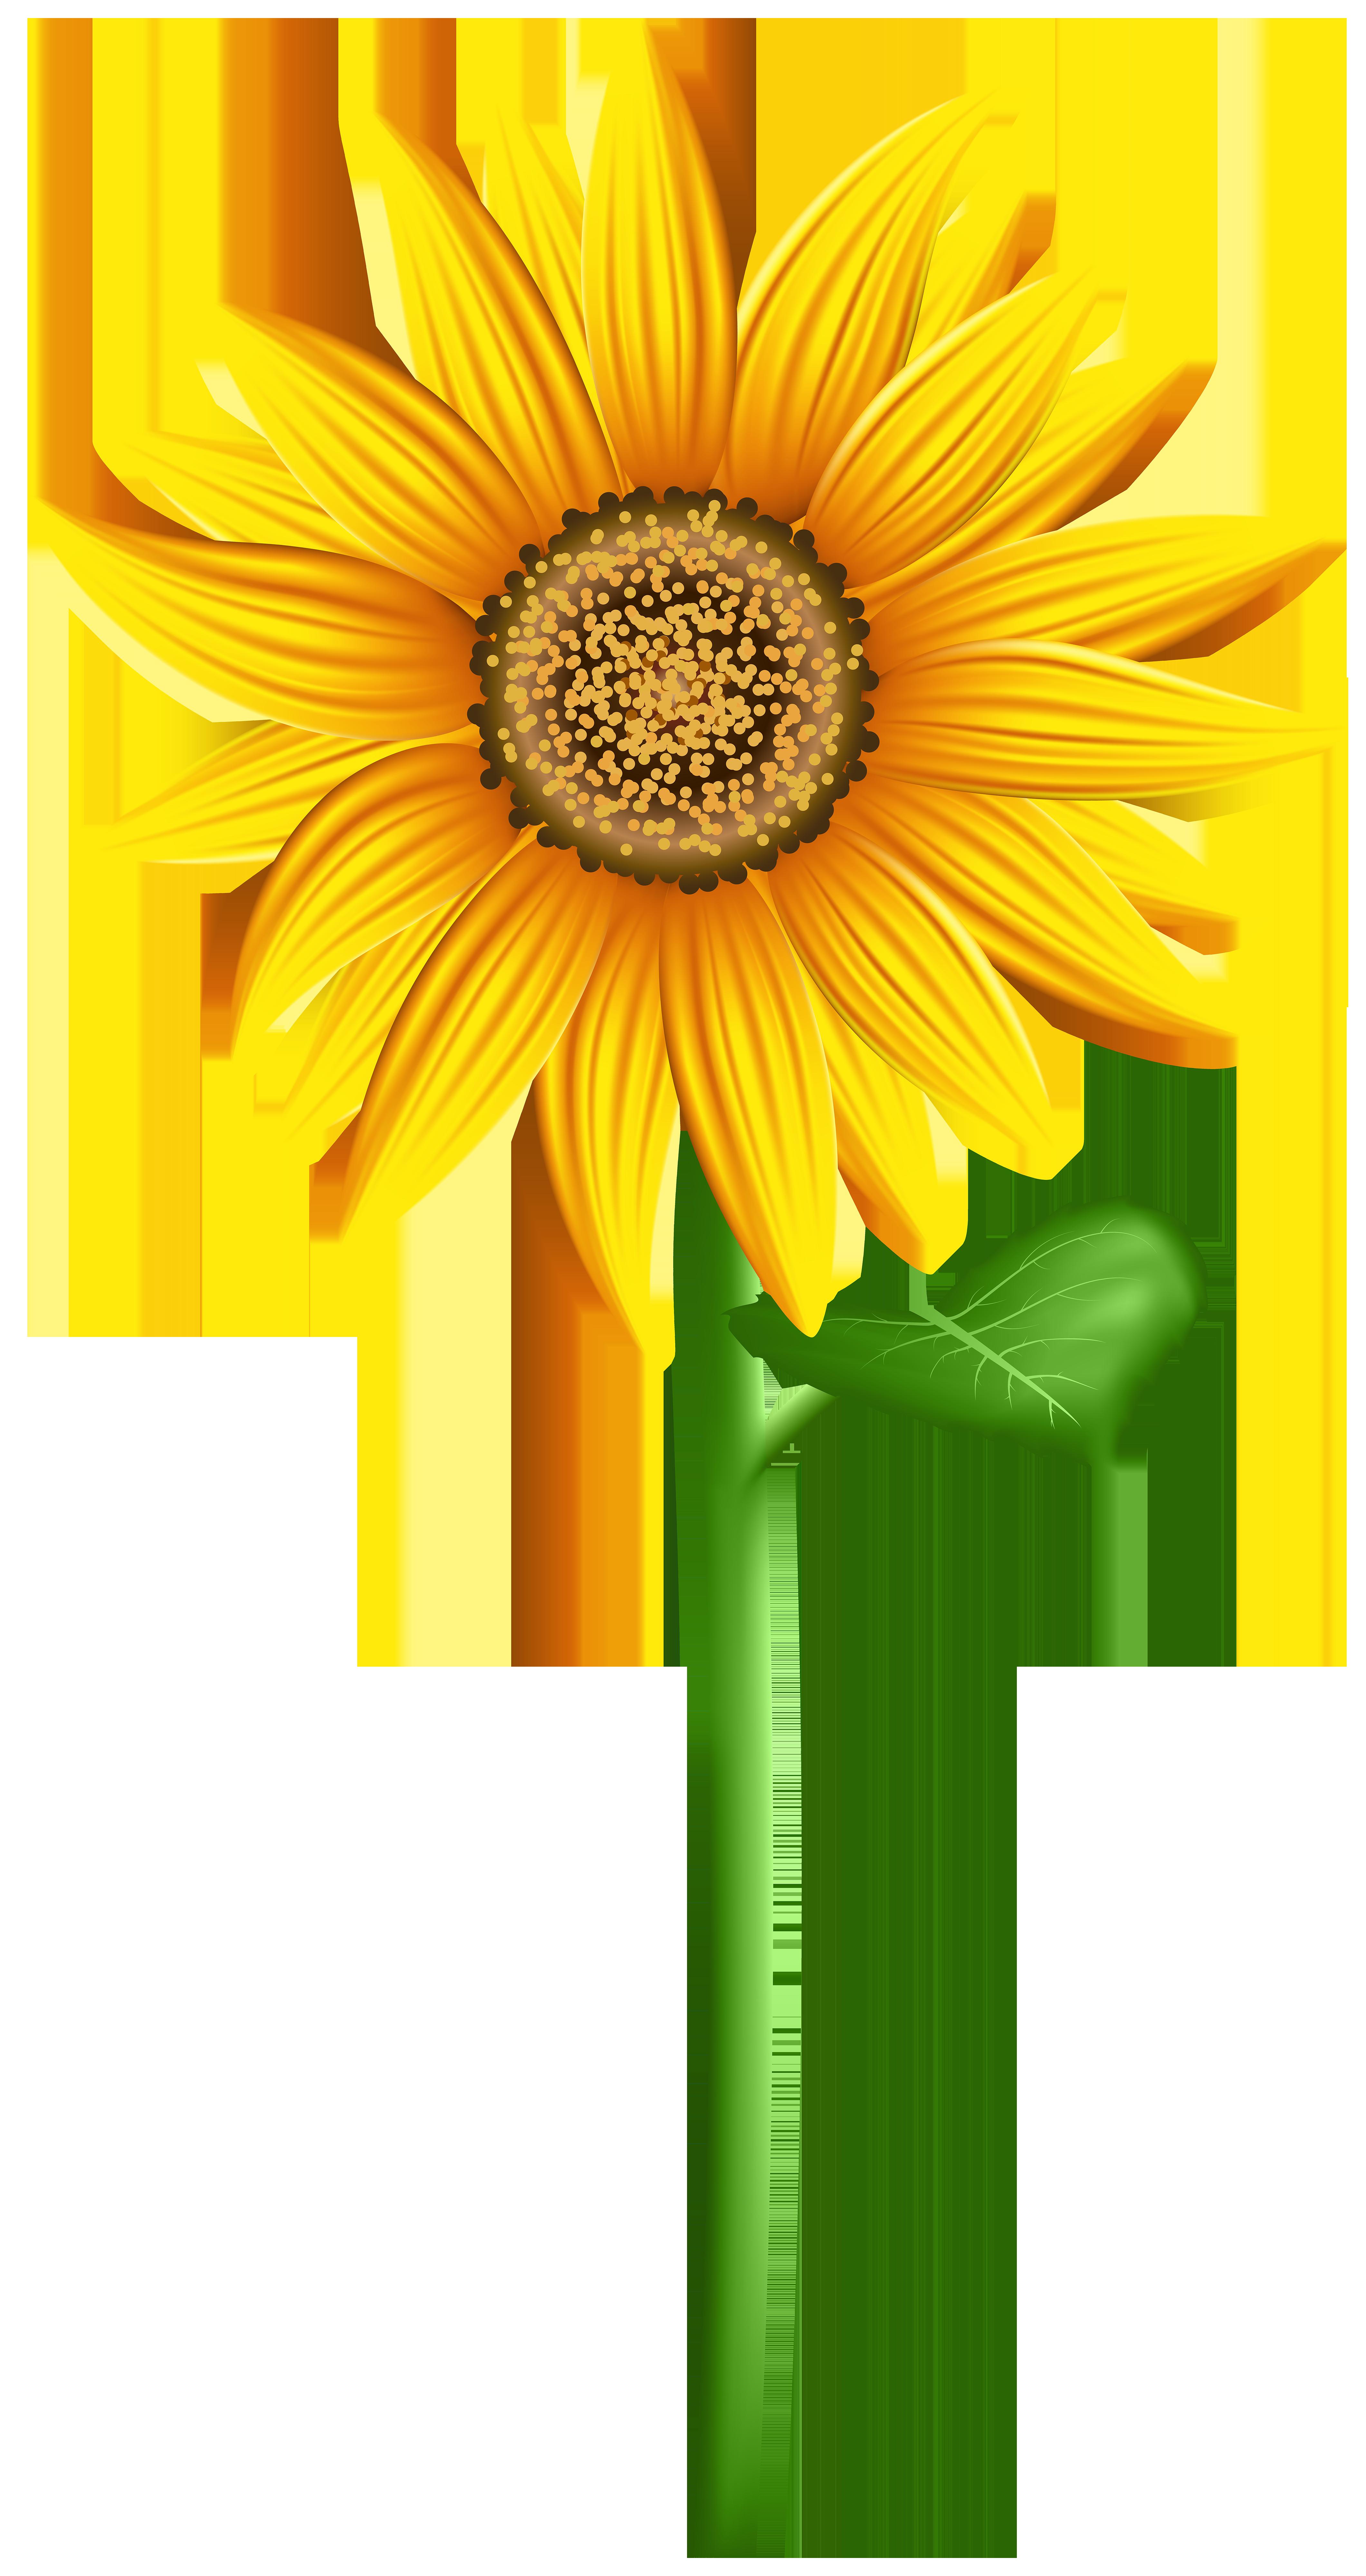 4241x8000 Sunflower Png Transparent Clip Art Imageu200b Gallery Yopriceville